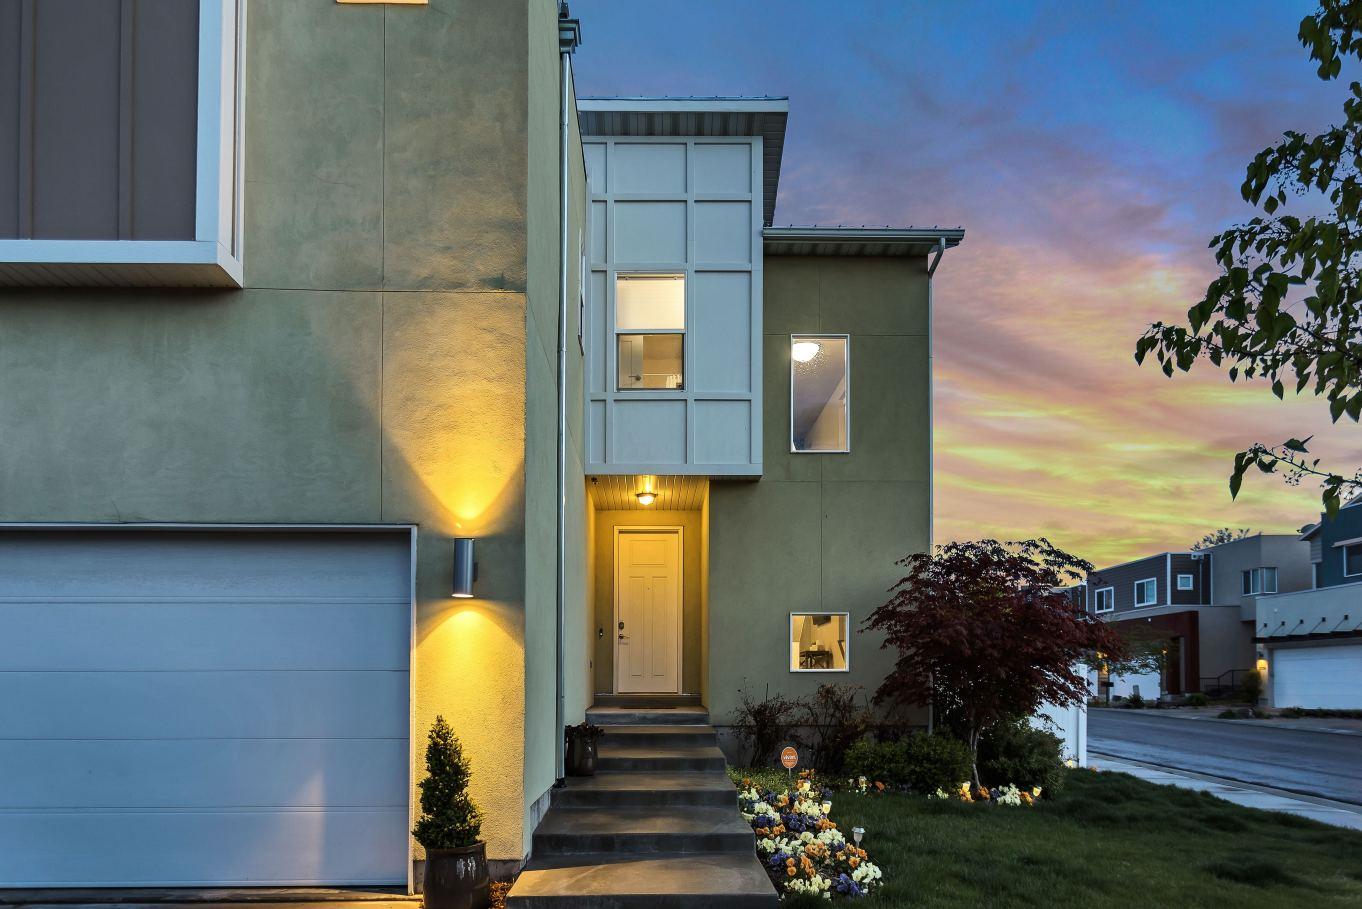 ethias assurance incendie comparaison et prix. Black Bedroom Furniture Sets. Home Design Ideas